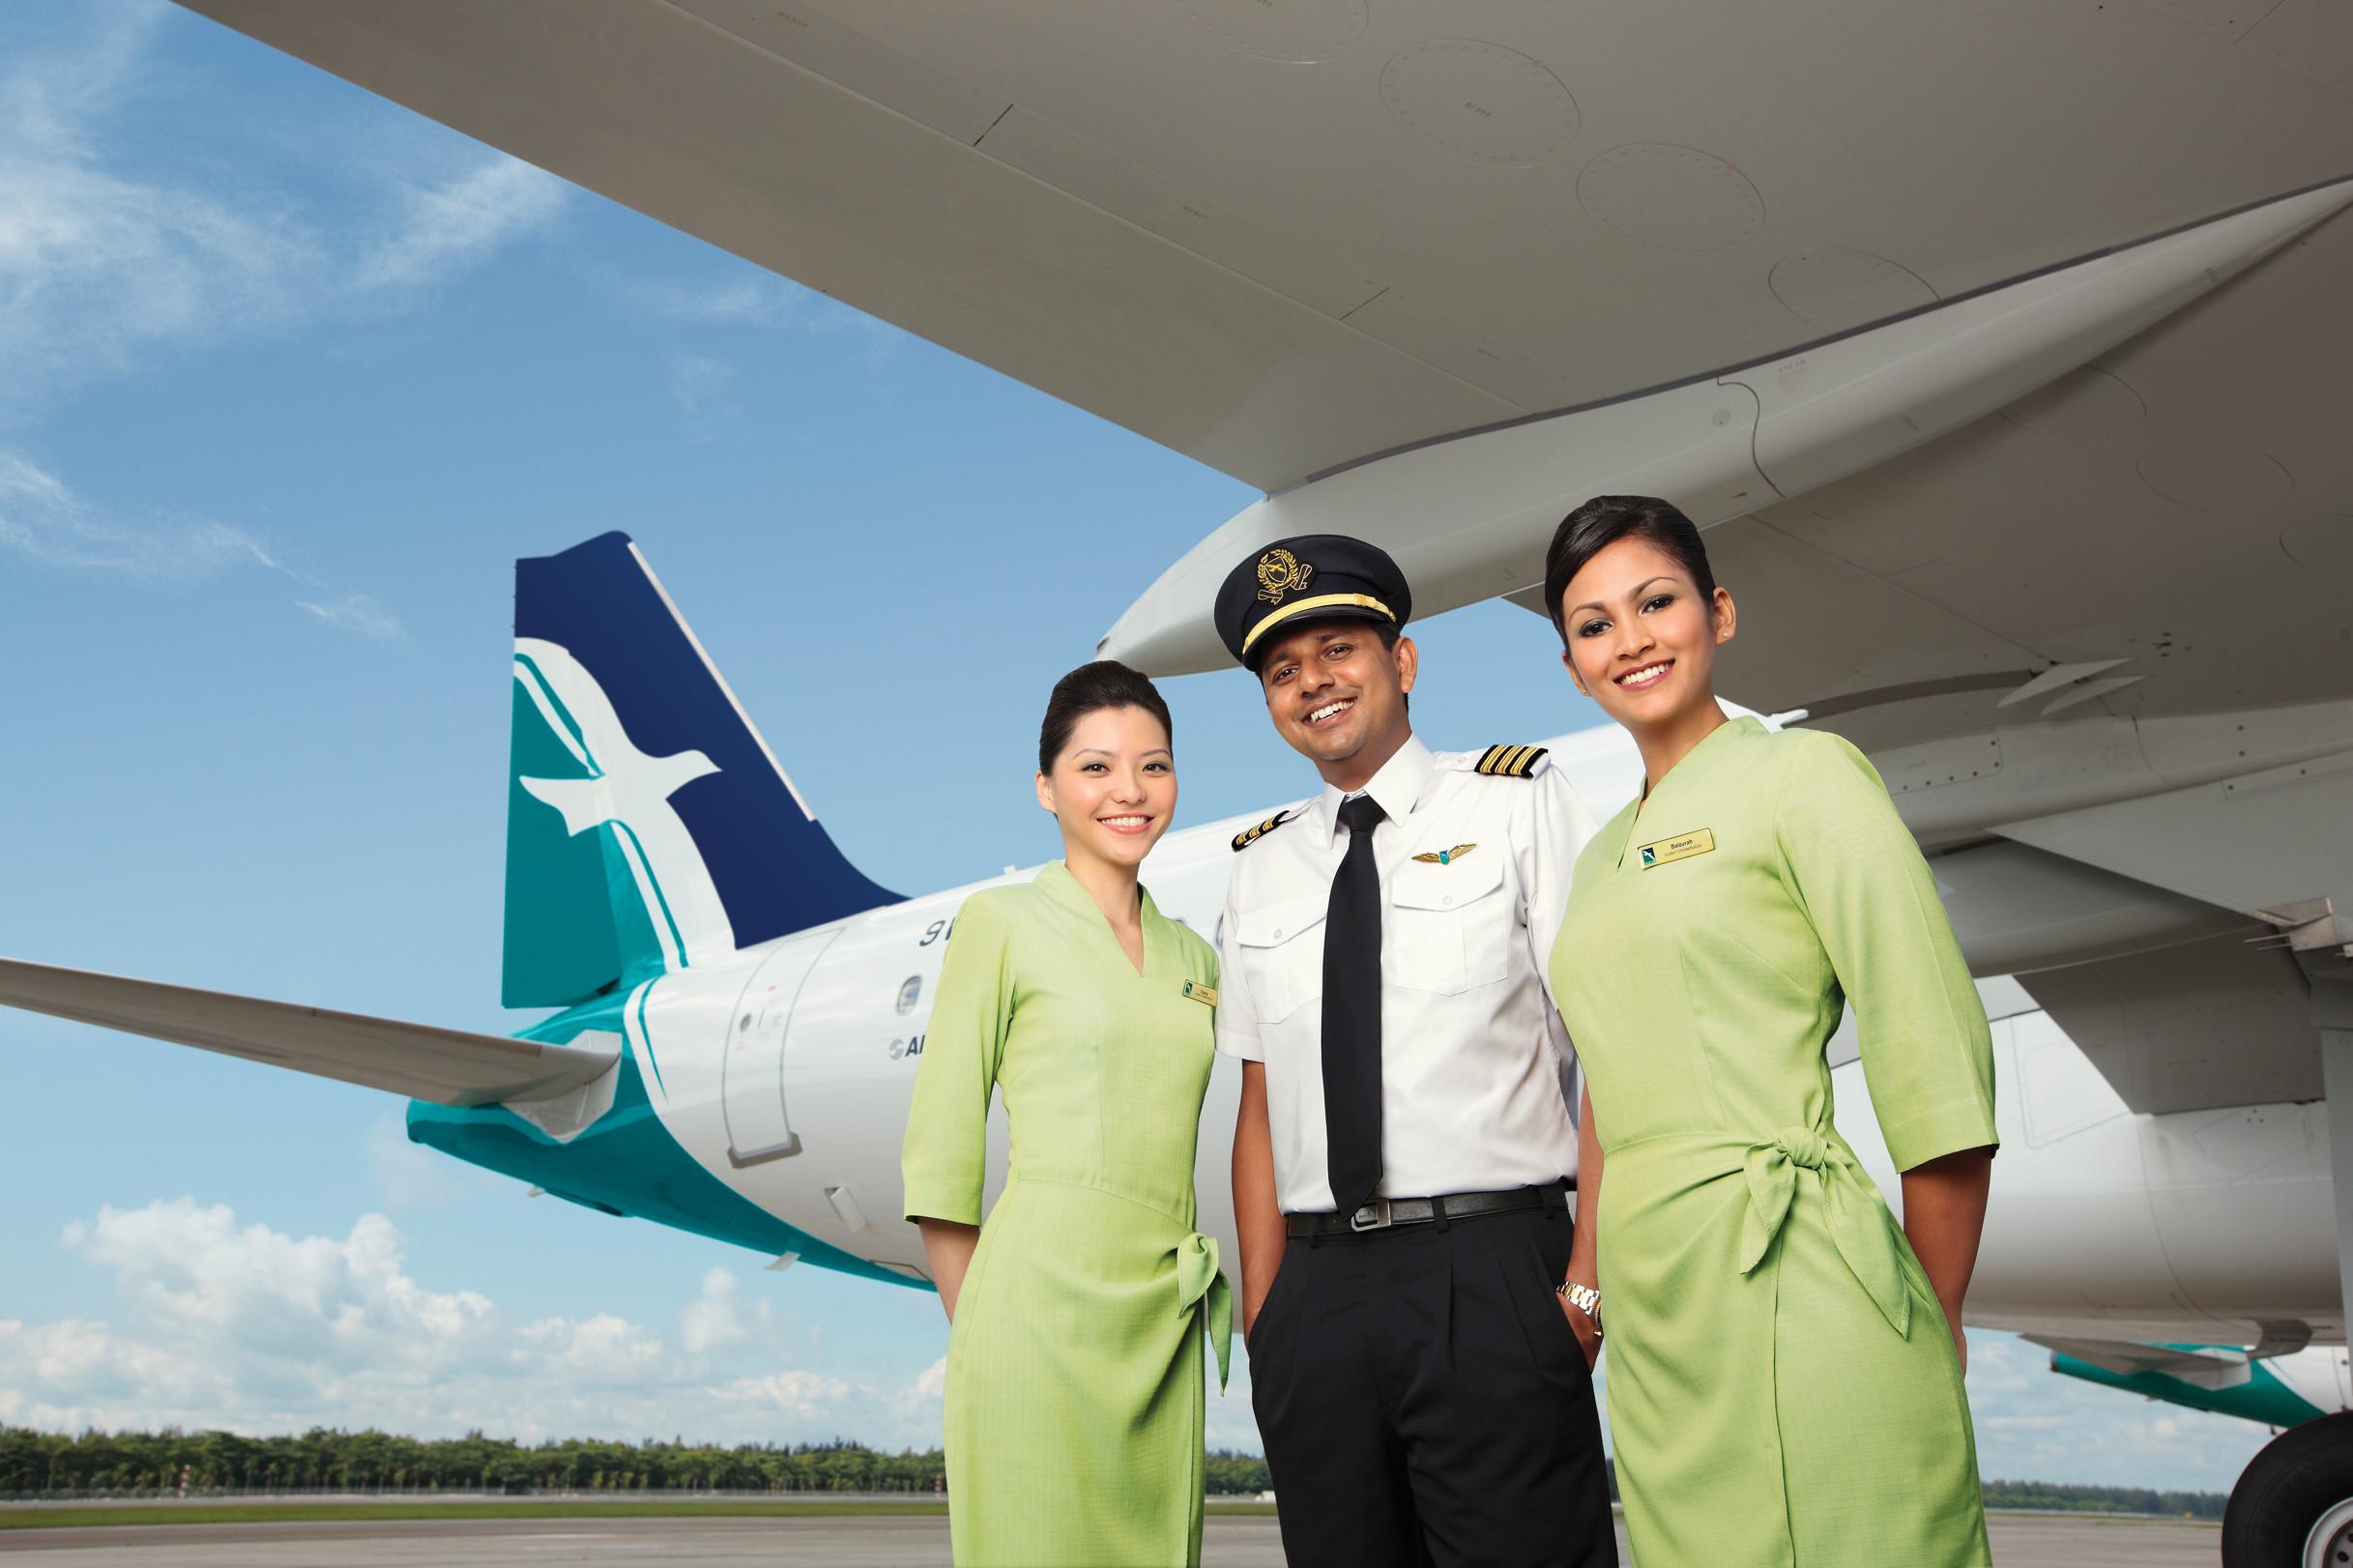 Bienvenida a los futuros auxiliares de vuelo en Melilla. ¡Hola, promoción 1T!